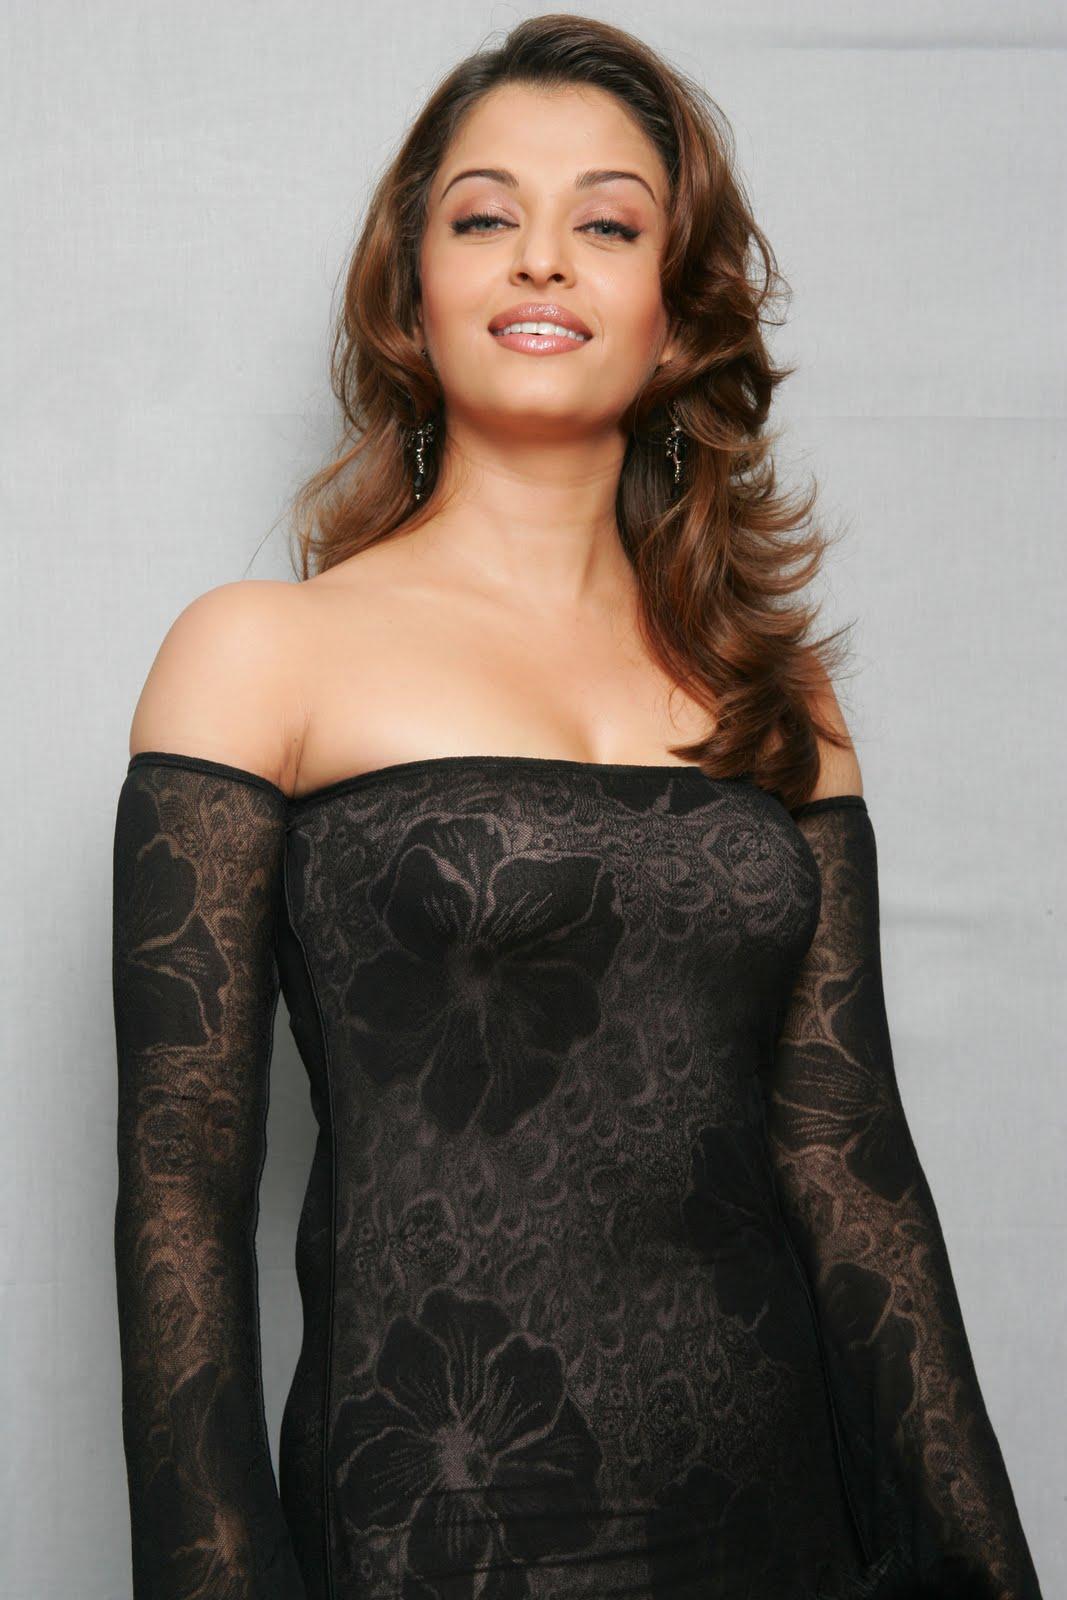 Nude Aishwarya Rai Images 121